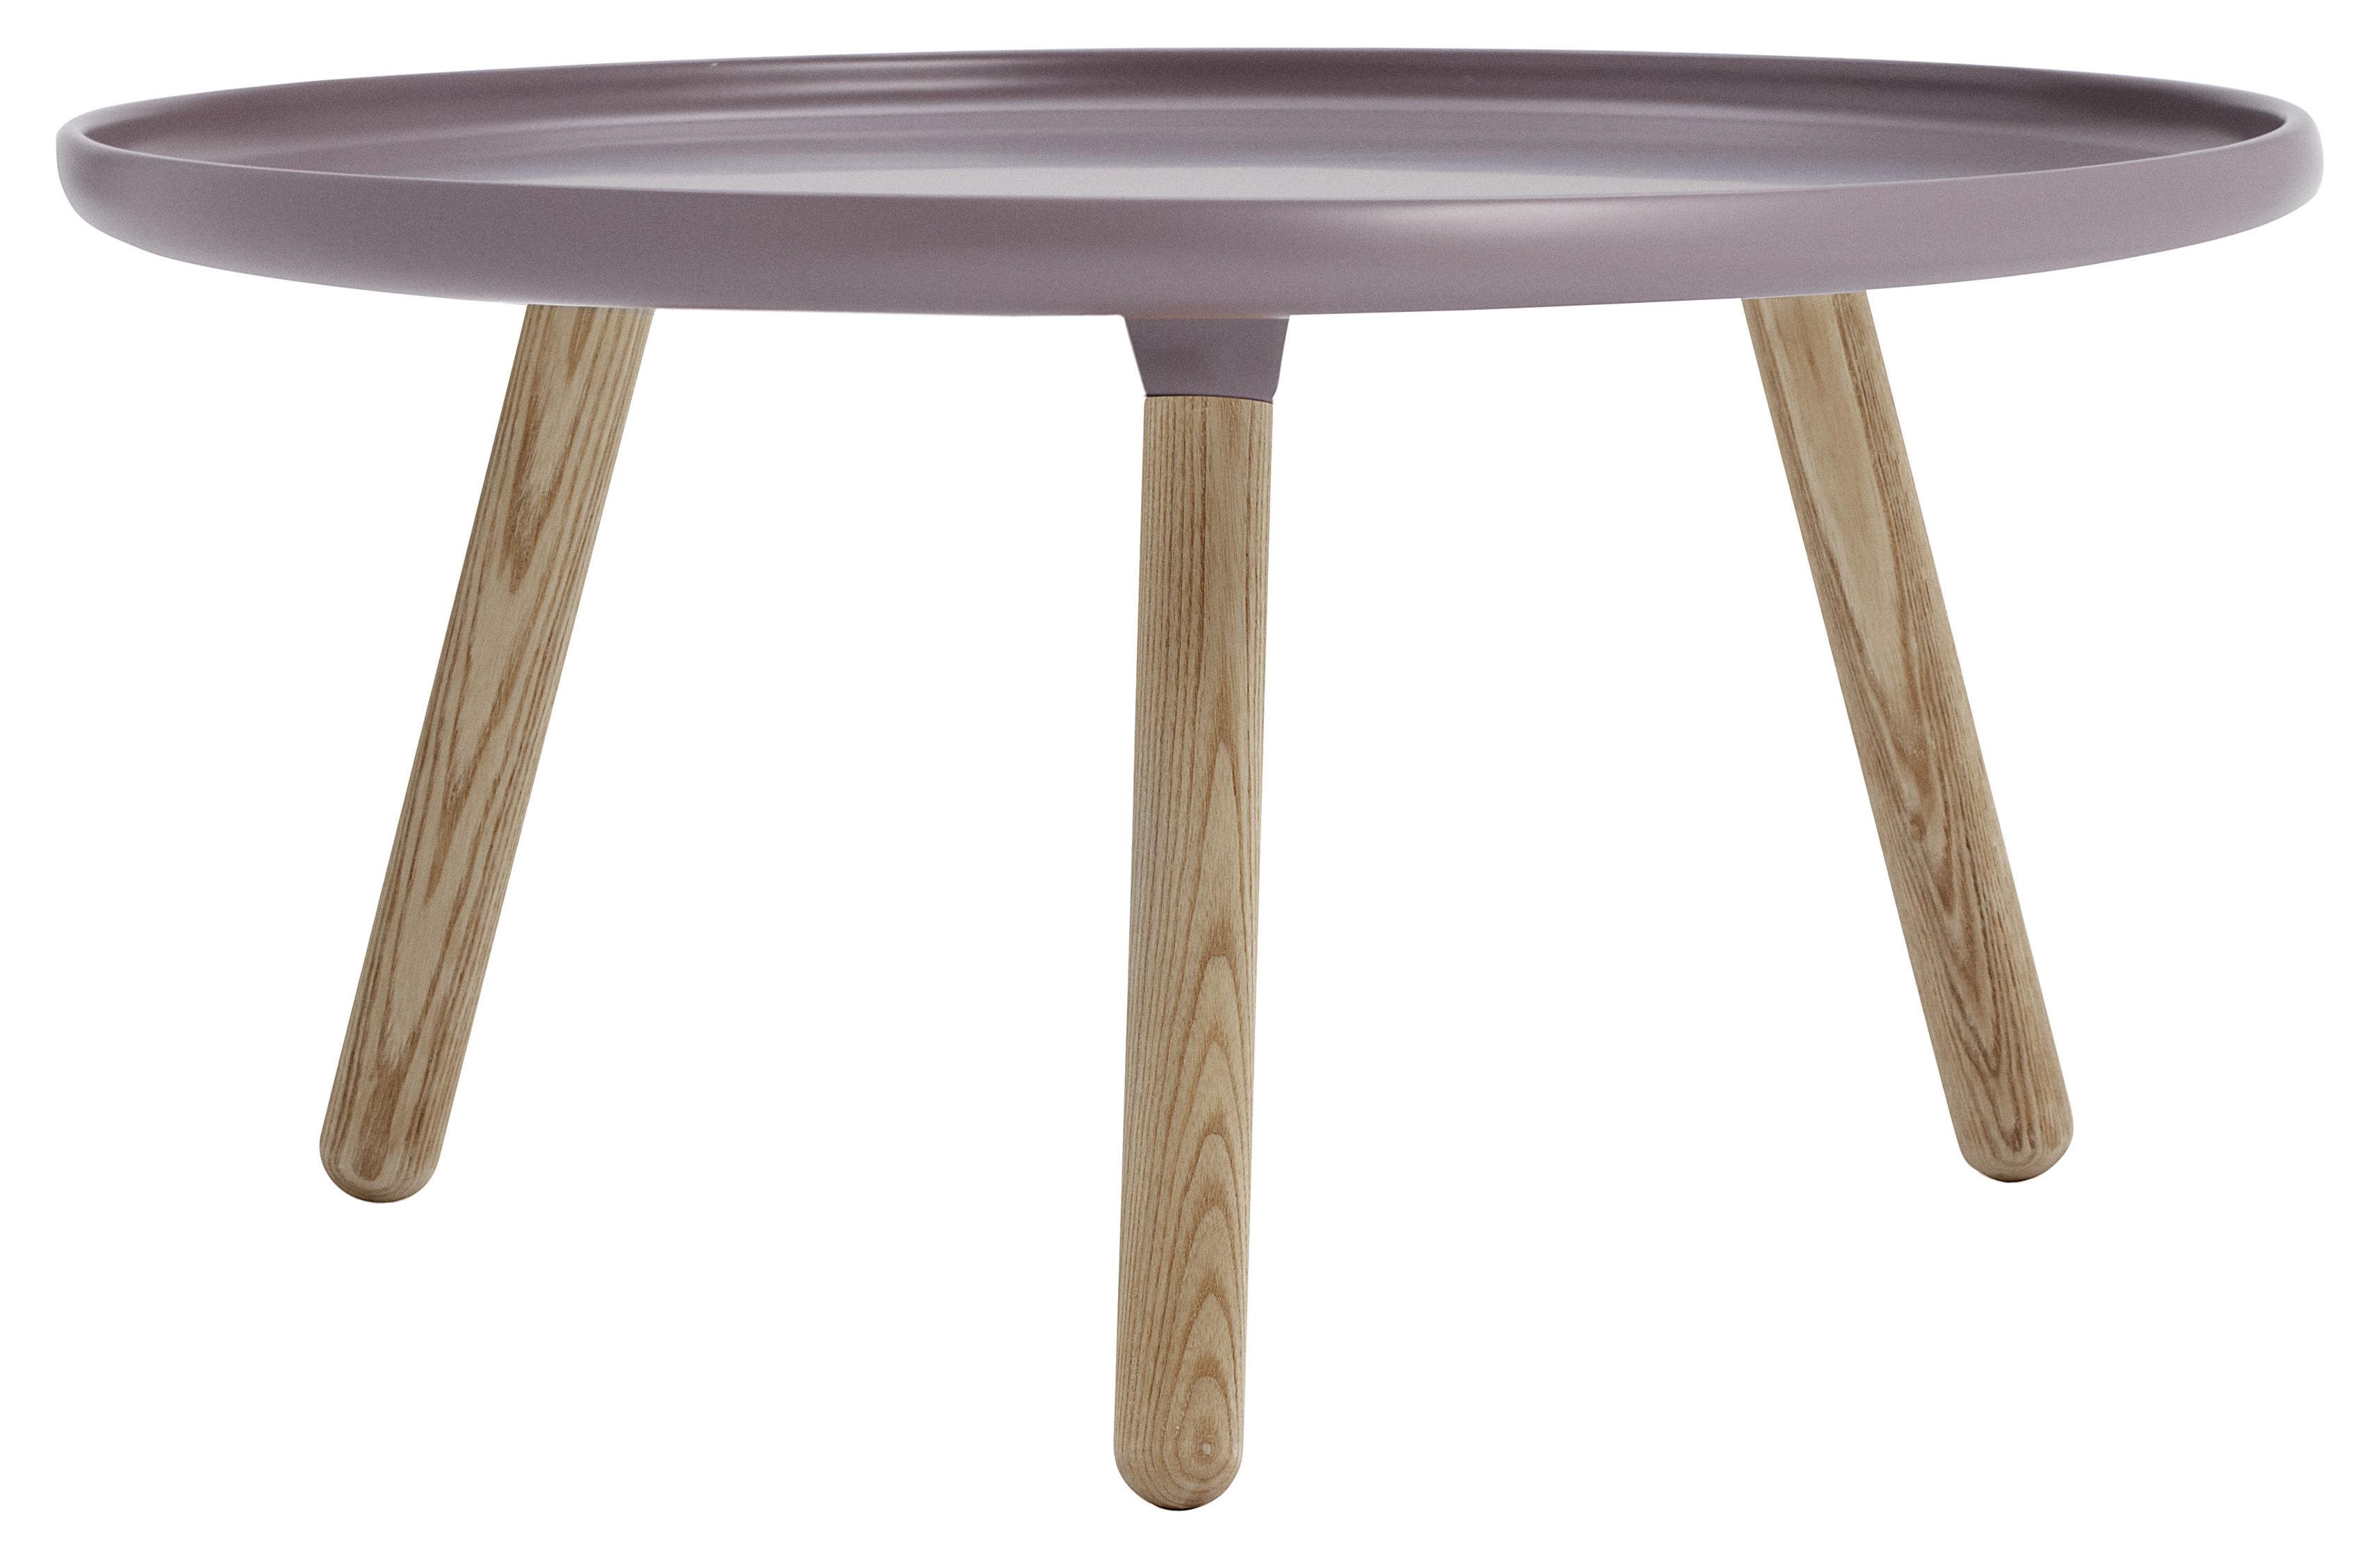 table basse tablo large 78 cm violet normann copenhagen. Black Bedroom Furniture Sets. Home Design Ideas